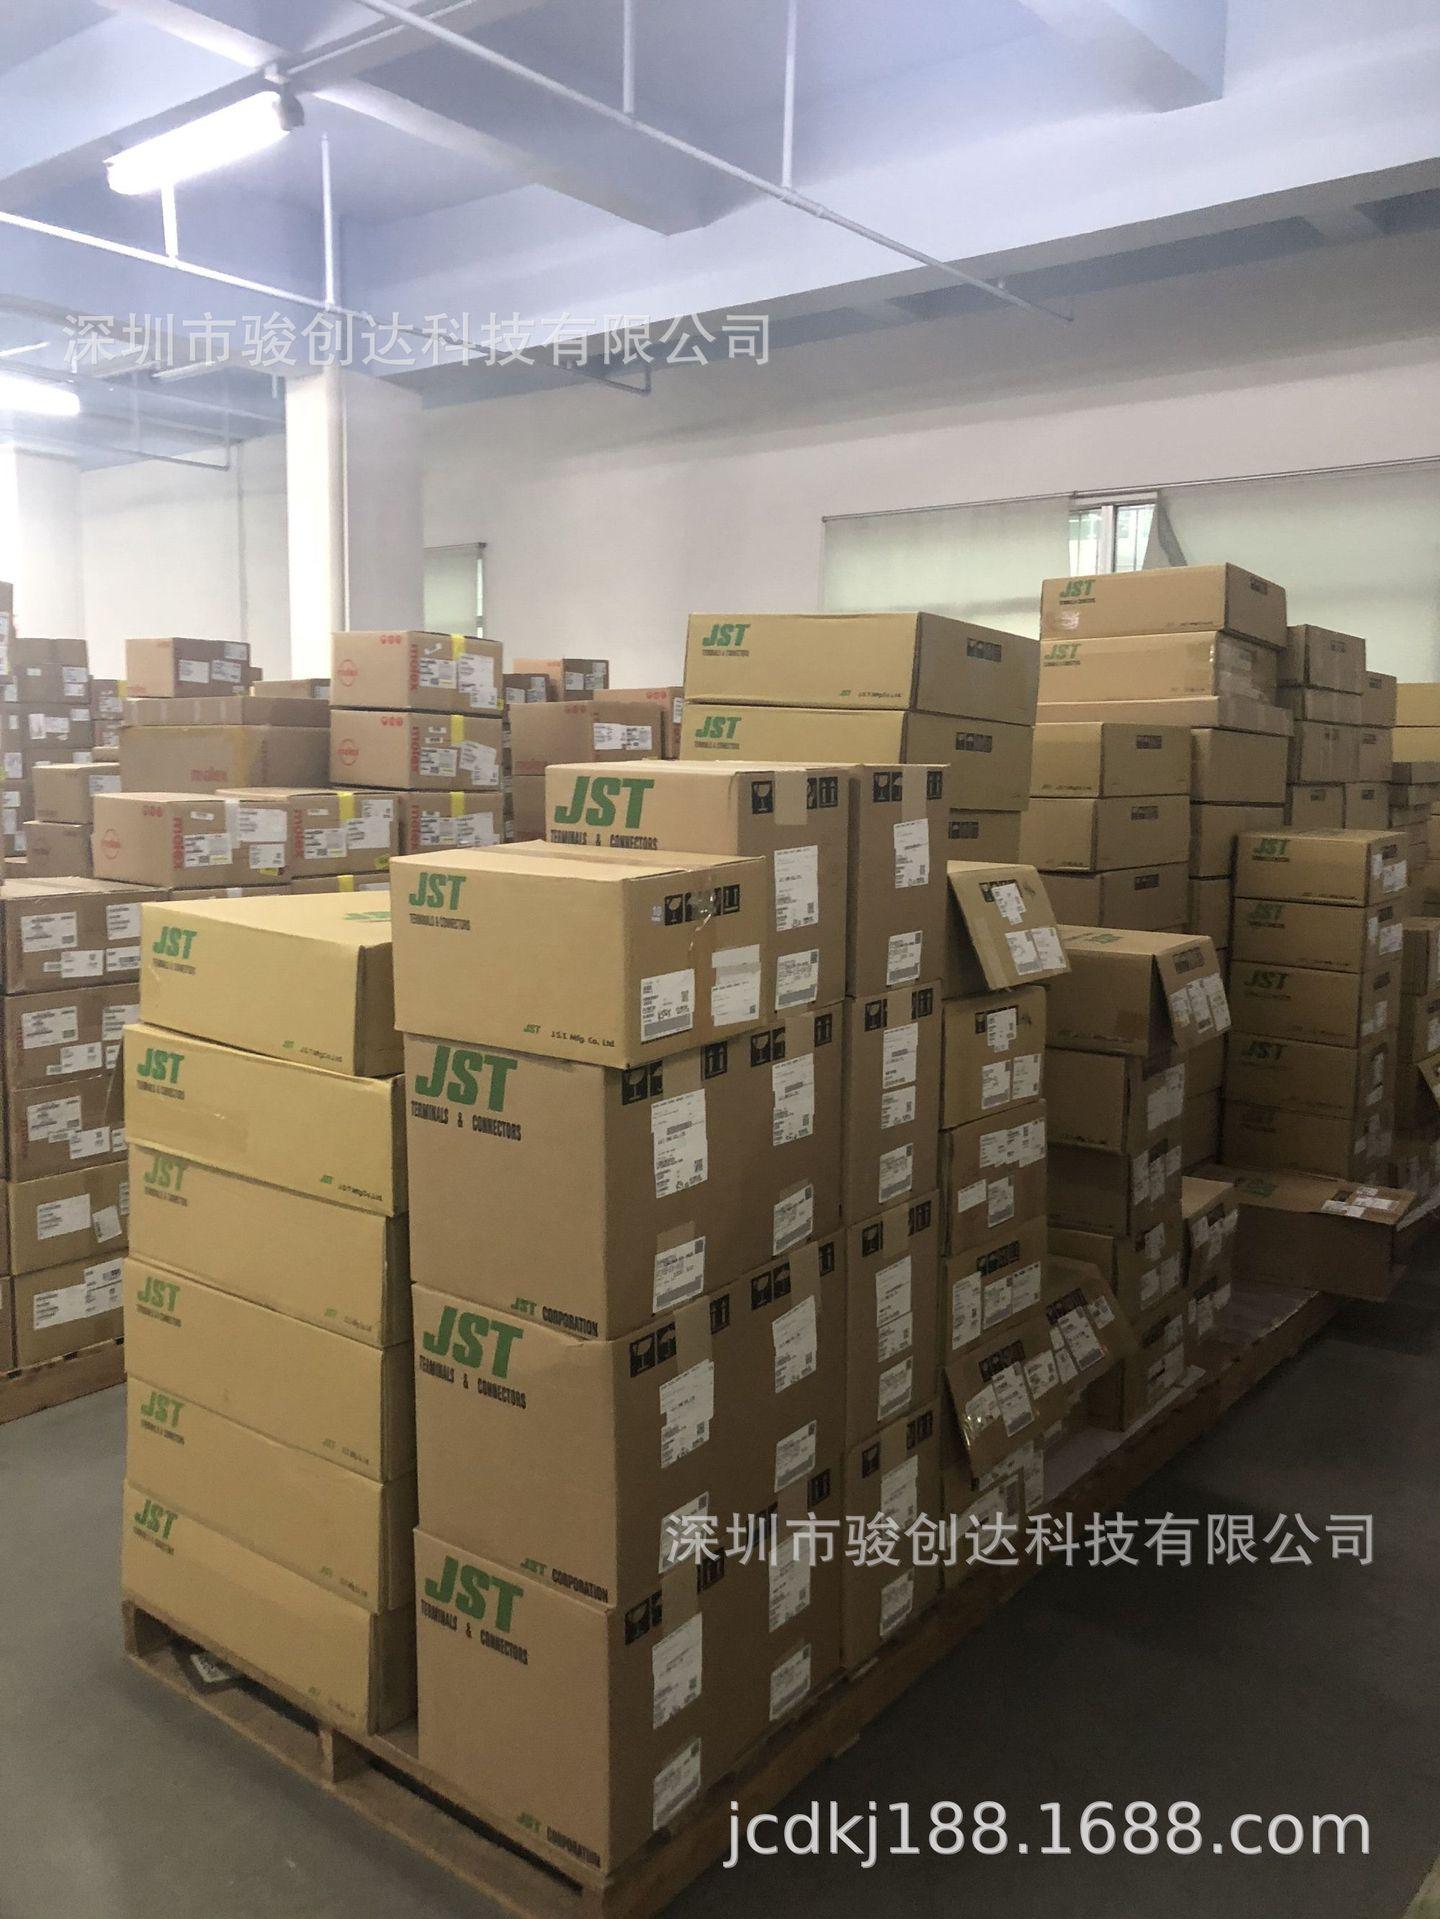 大量现货供应 J27S-06FMH-7KL-M-CF JST进口连接器